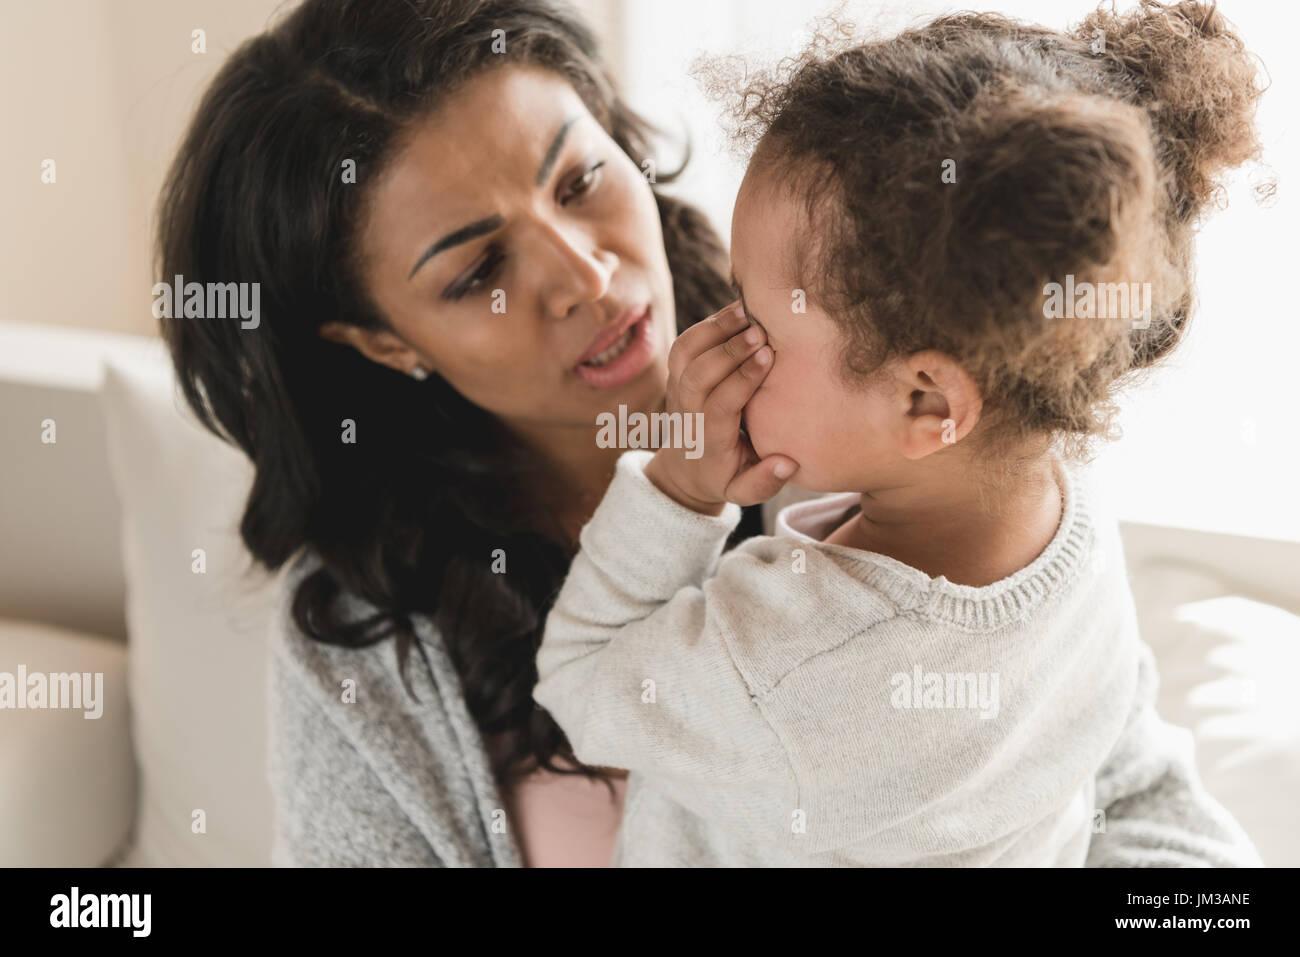 Madre mirando poco lindo llorar hija en casa Imagen De Stock